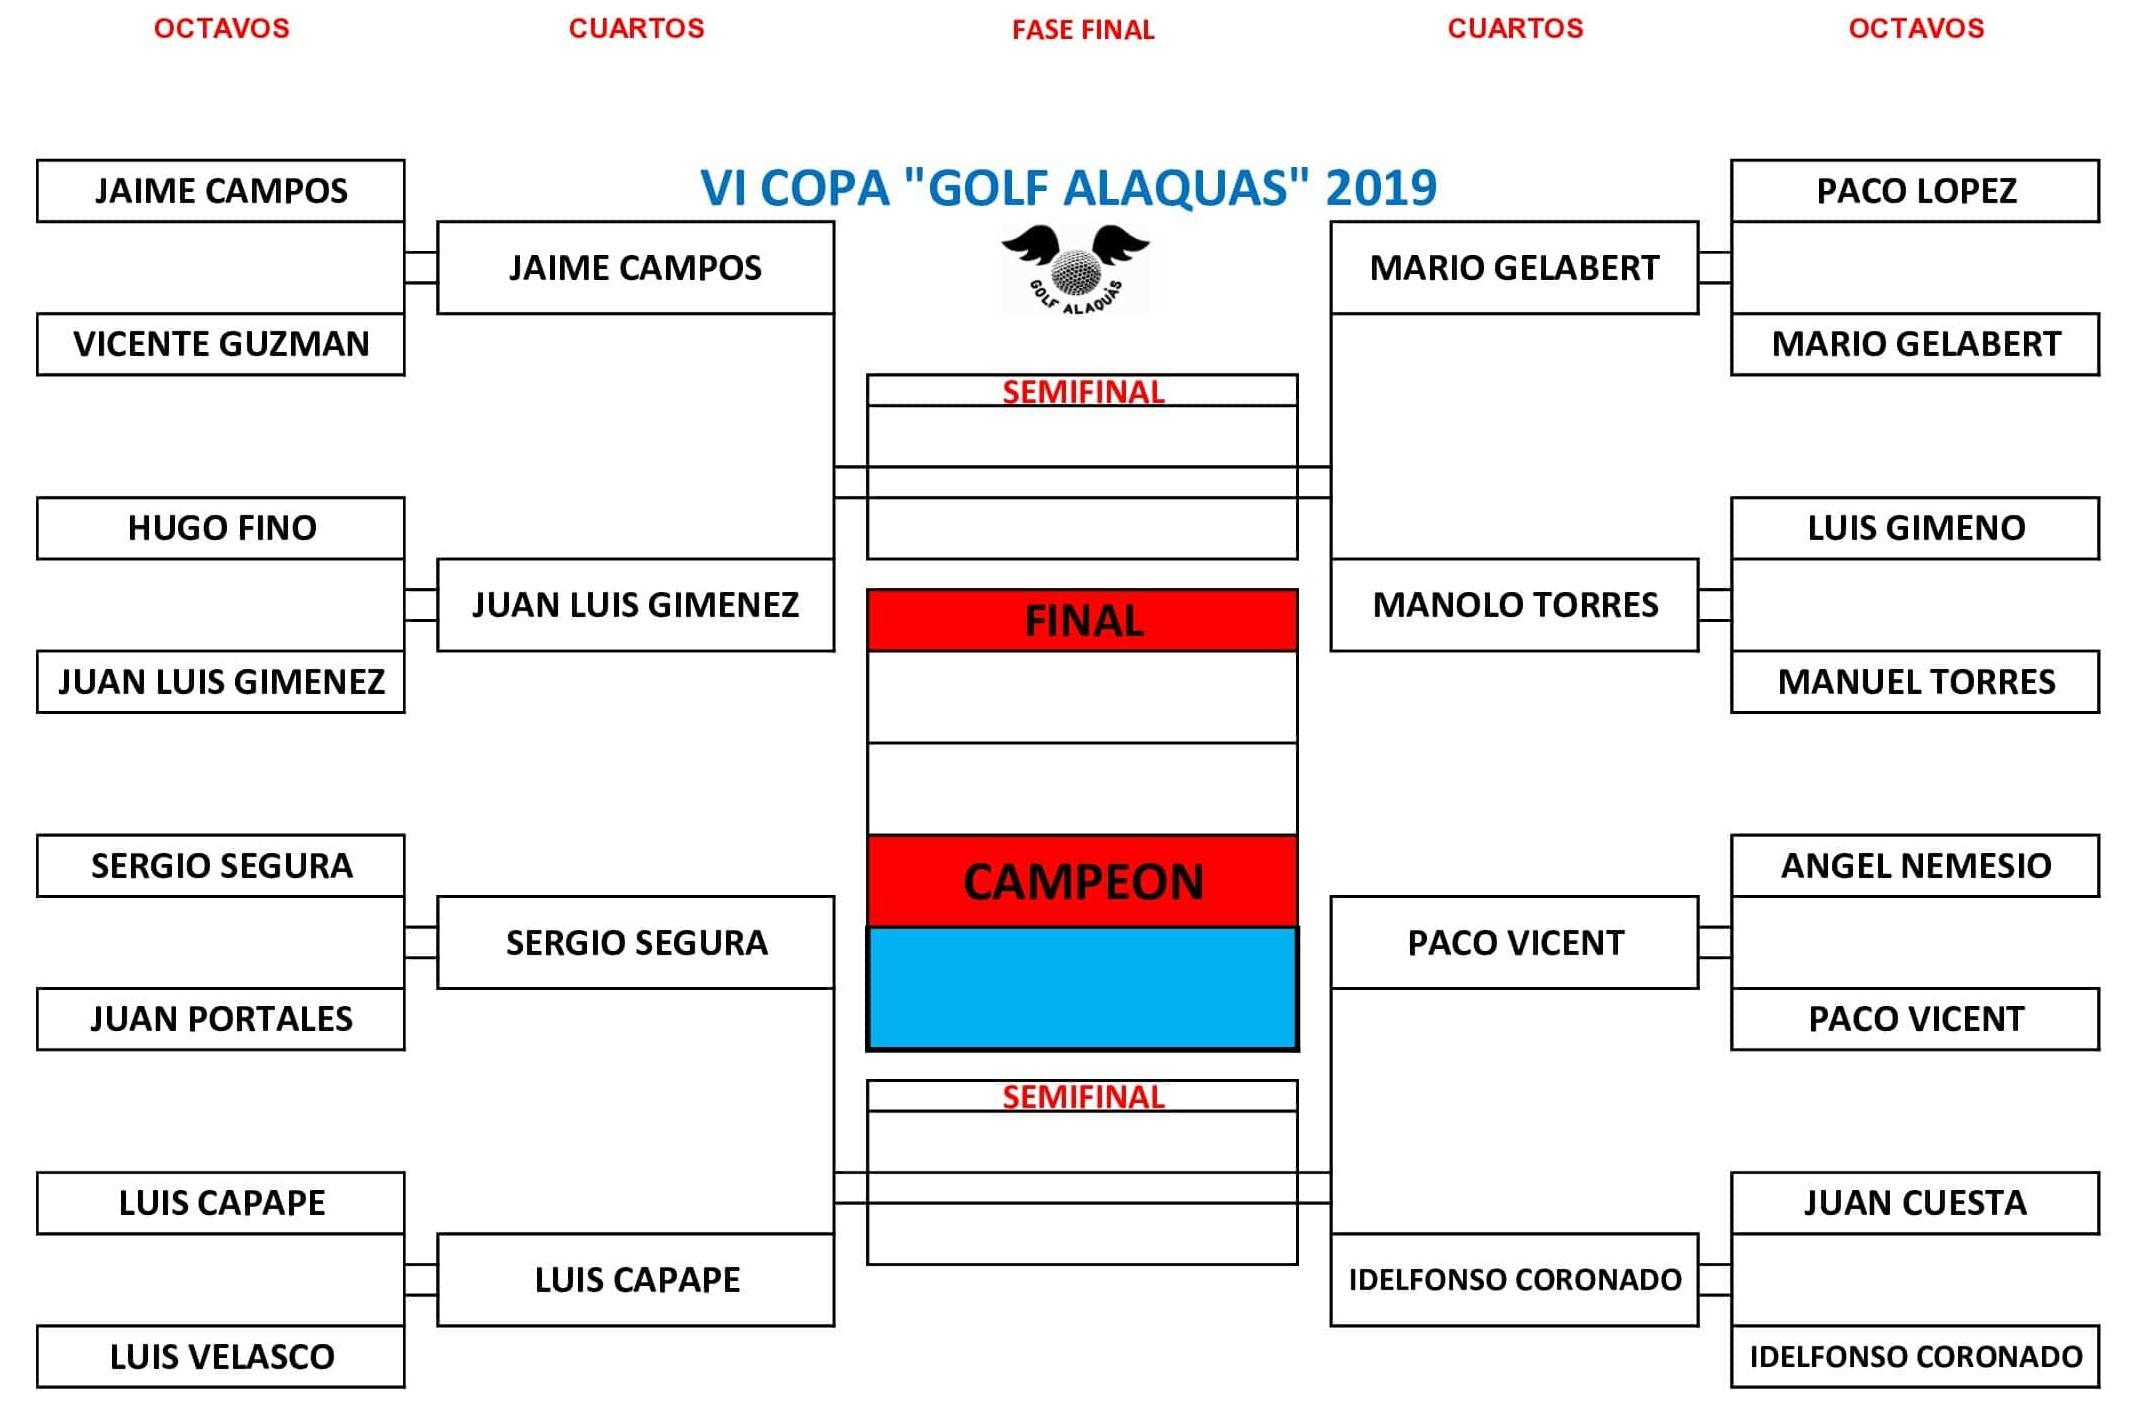 CUADRANT CUARTOS FINAL COPA GOLF  2019_000